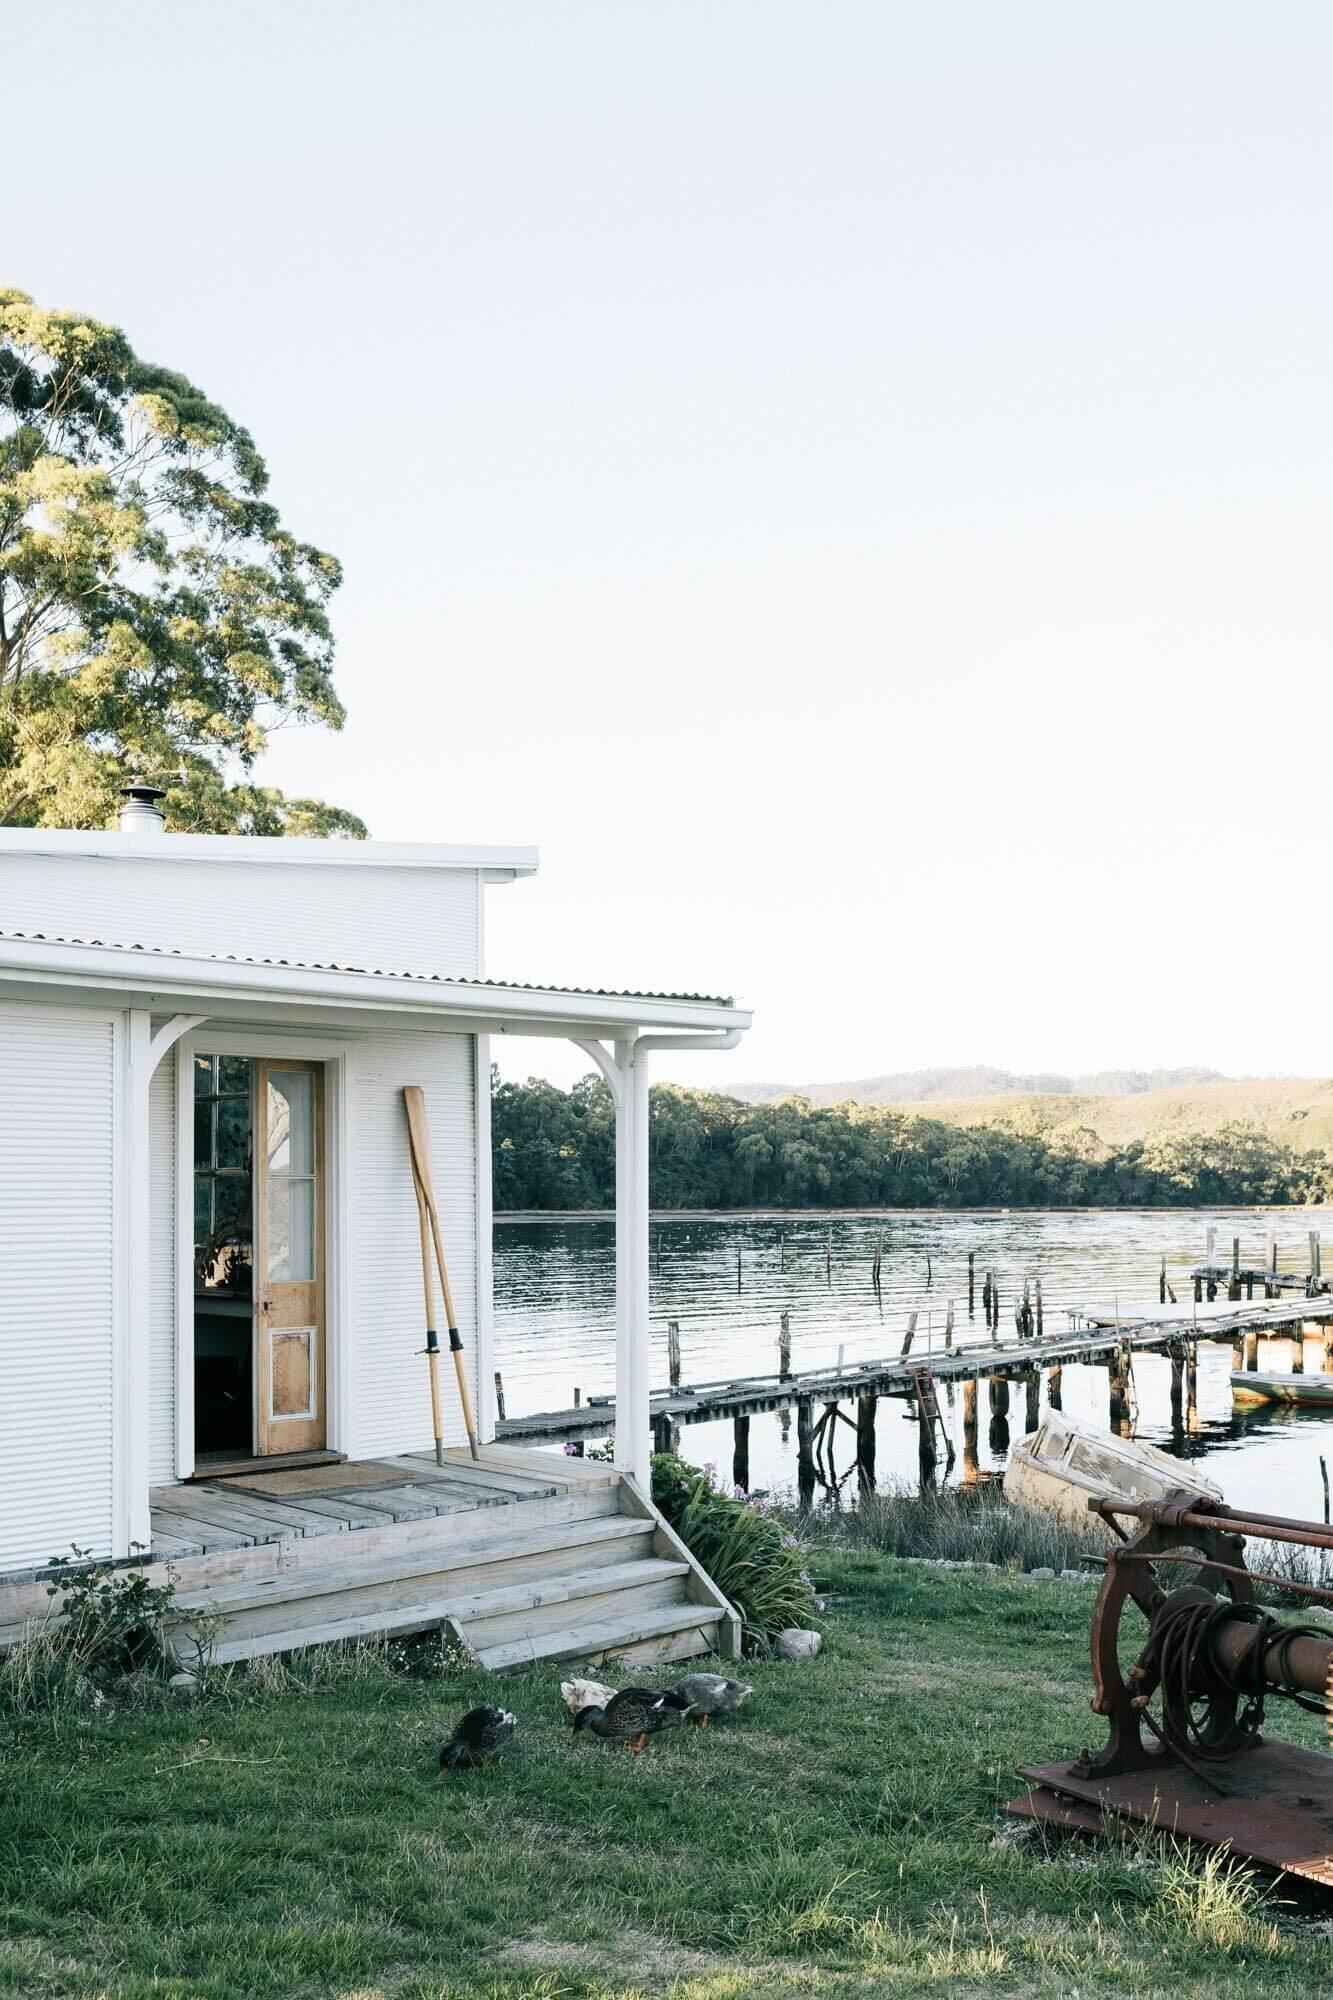 captains-rest-vintage-airbnb-cottage-tasmania-nordroom